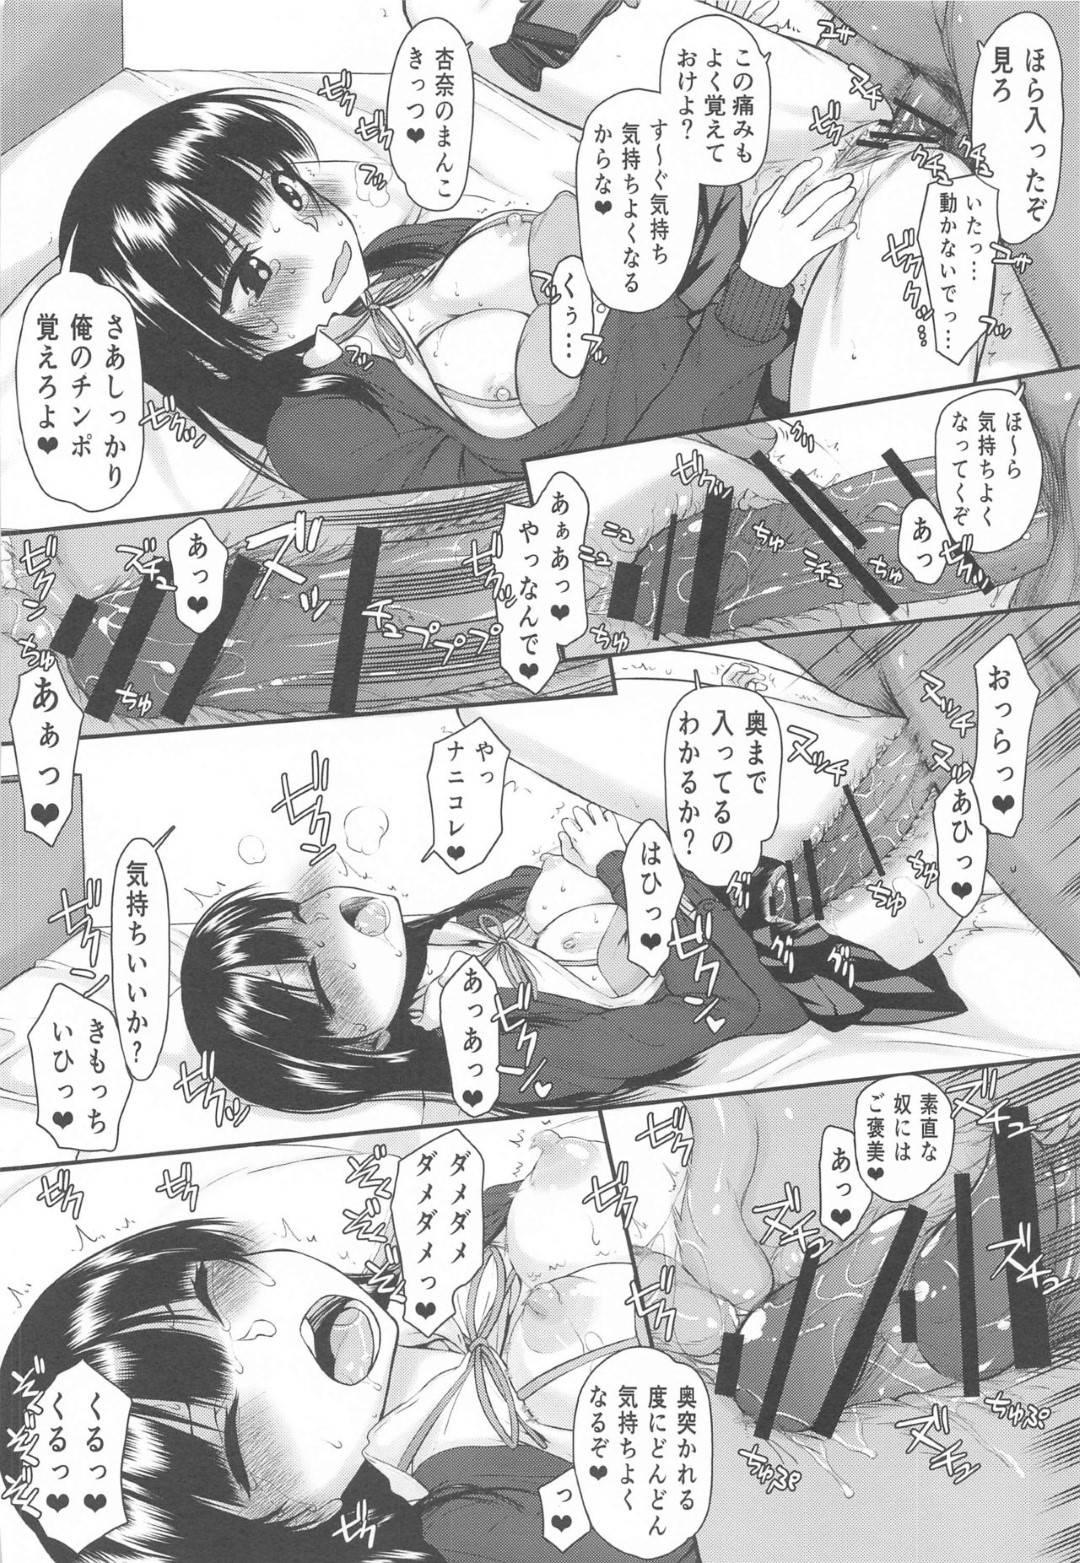 【エロ漫画】催眠にかかった巨乳JKが秘密レッスンと称して犯されまくる…極太チンポを挿れられ喘ぎまくり、挿入されたままクリを弄られバイブも使われて快楽堕ち!【佐藤登志雄:ヤバイや~つ】